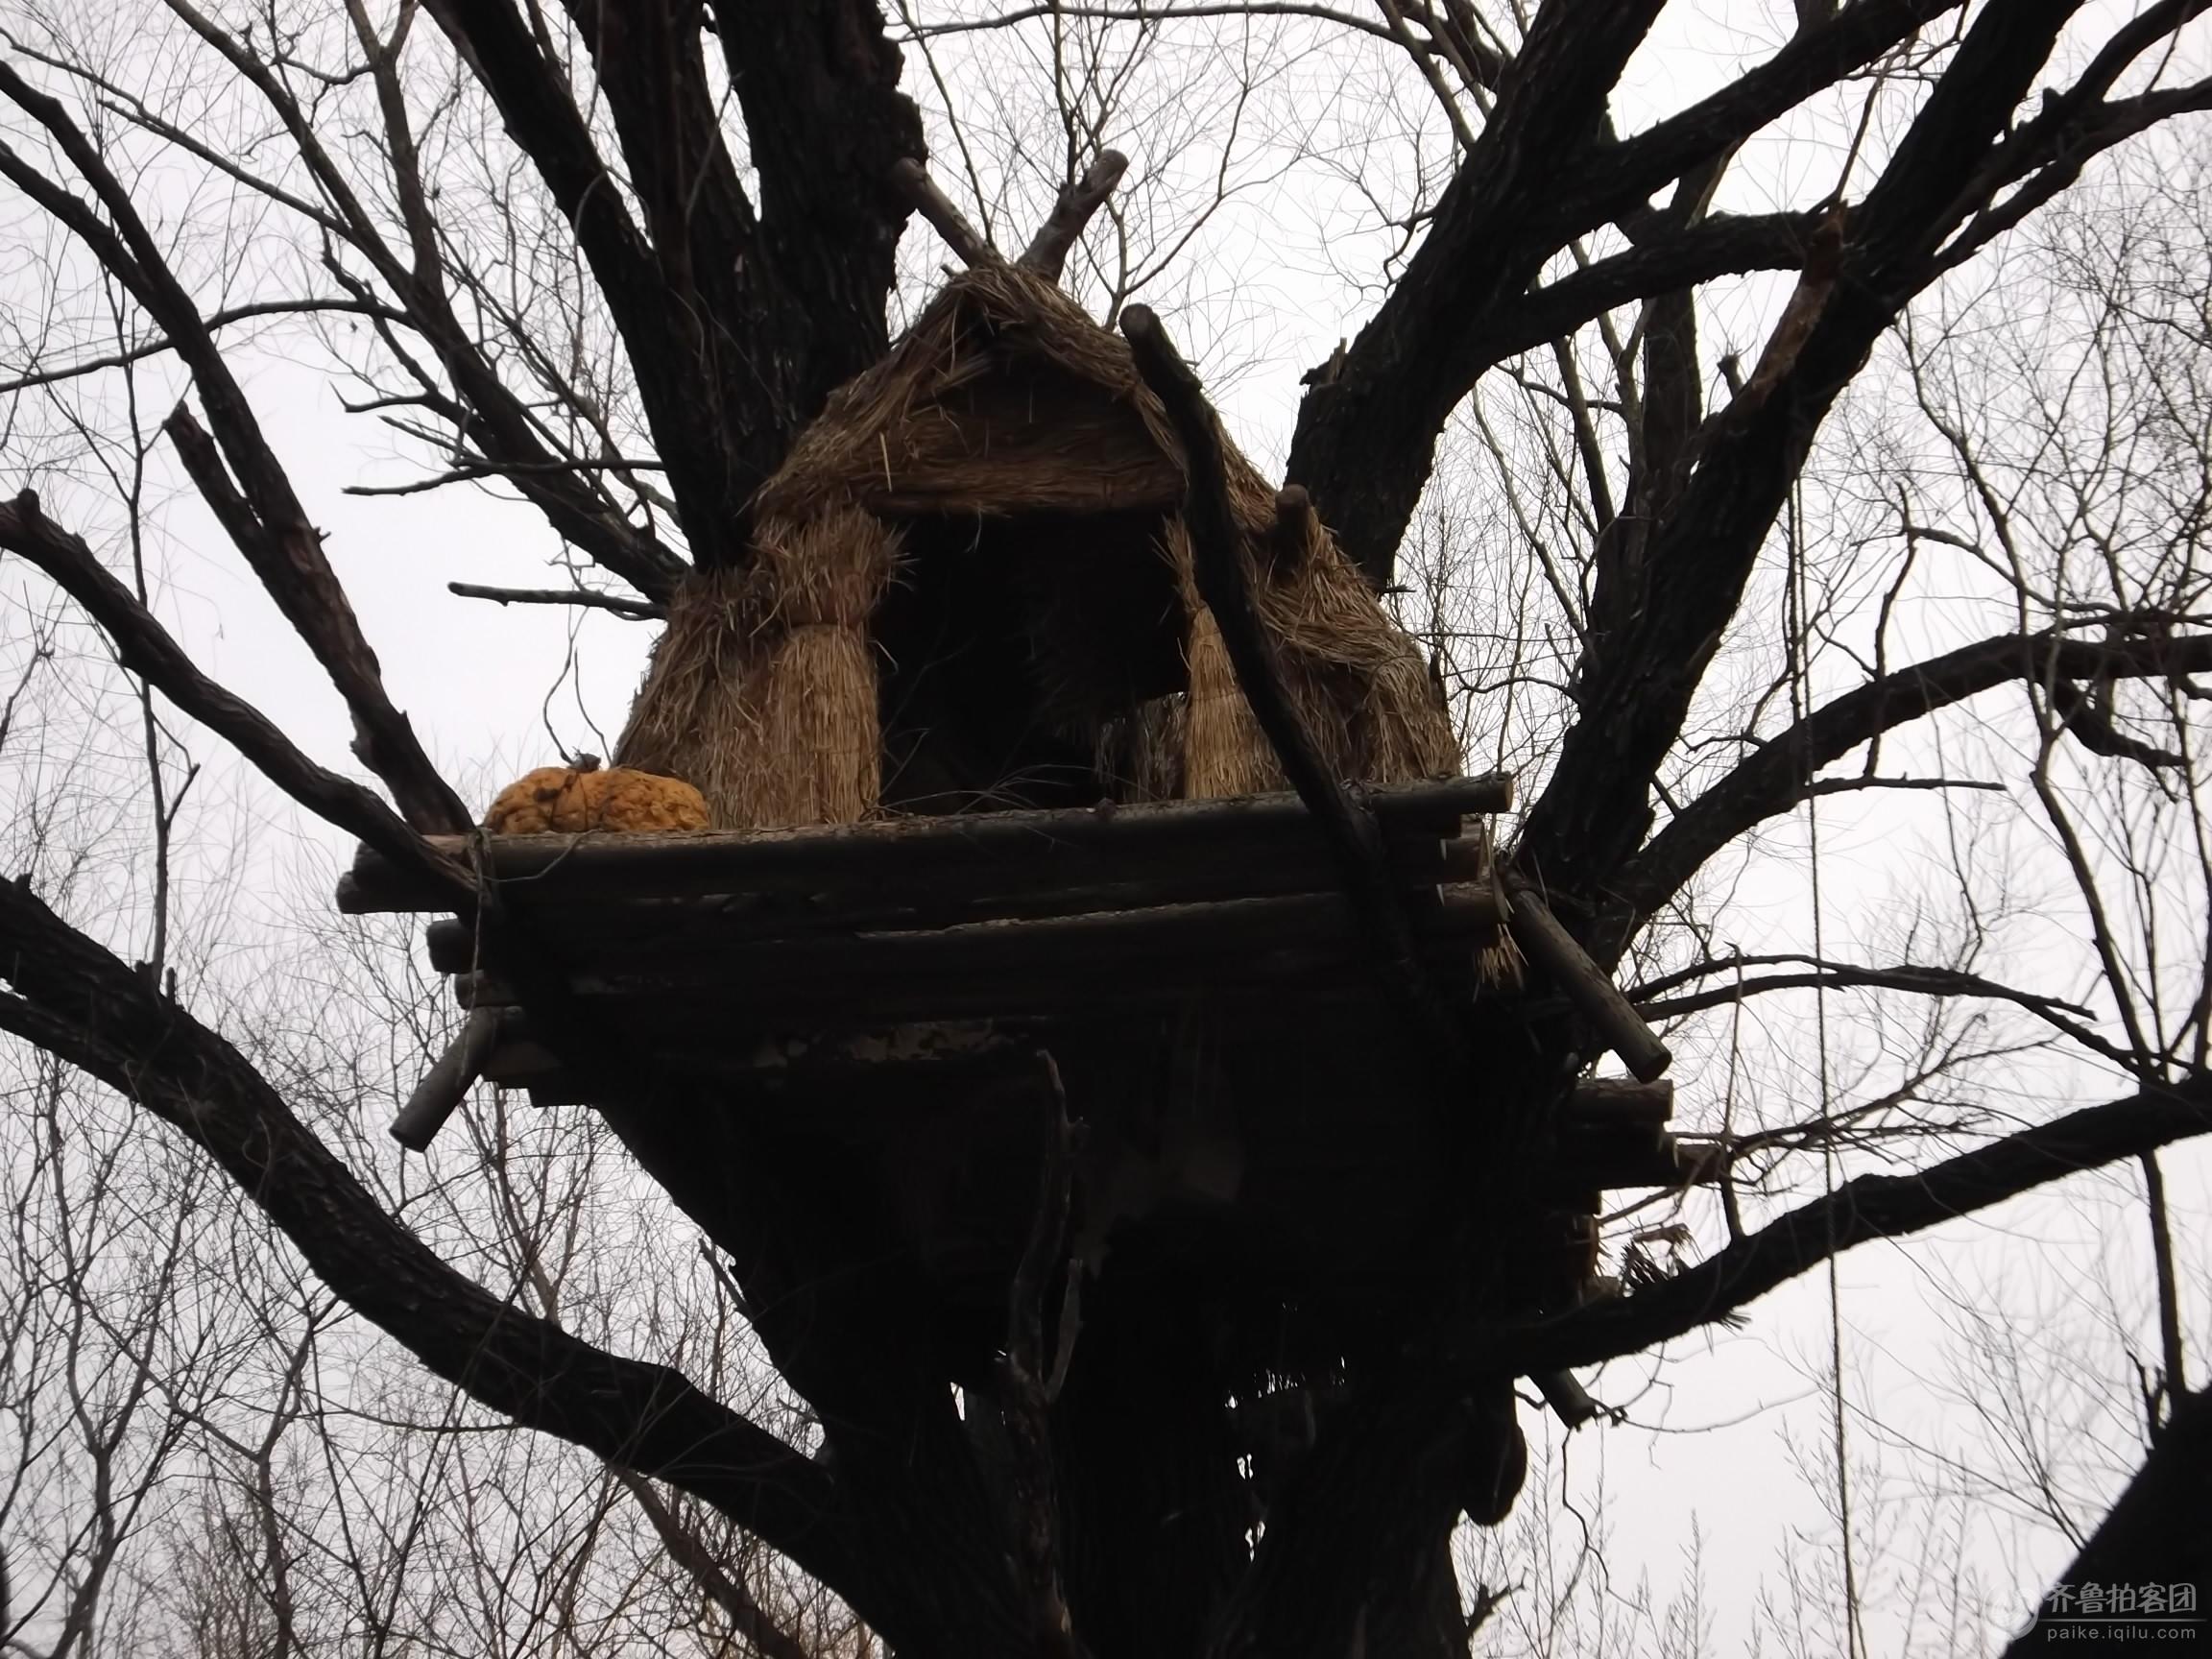 建在树上的房子(景点) - 潍坊拍客 - 齐鲁社区 - 山东最大的城市生活社区,山东广播电视台官方社区!